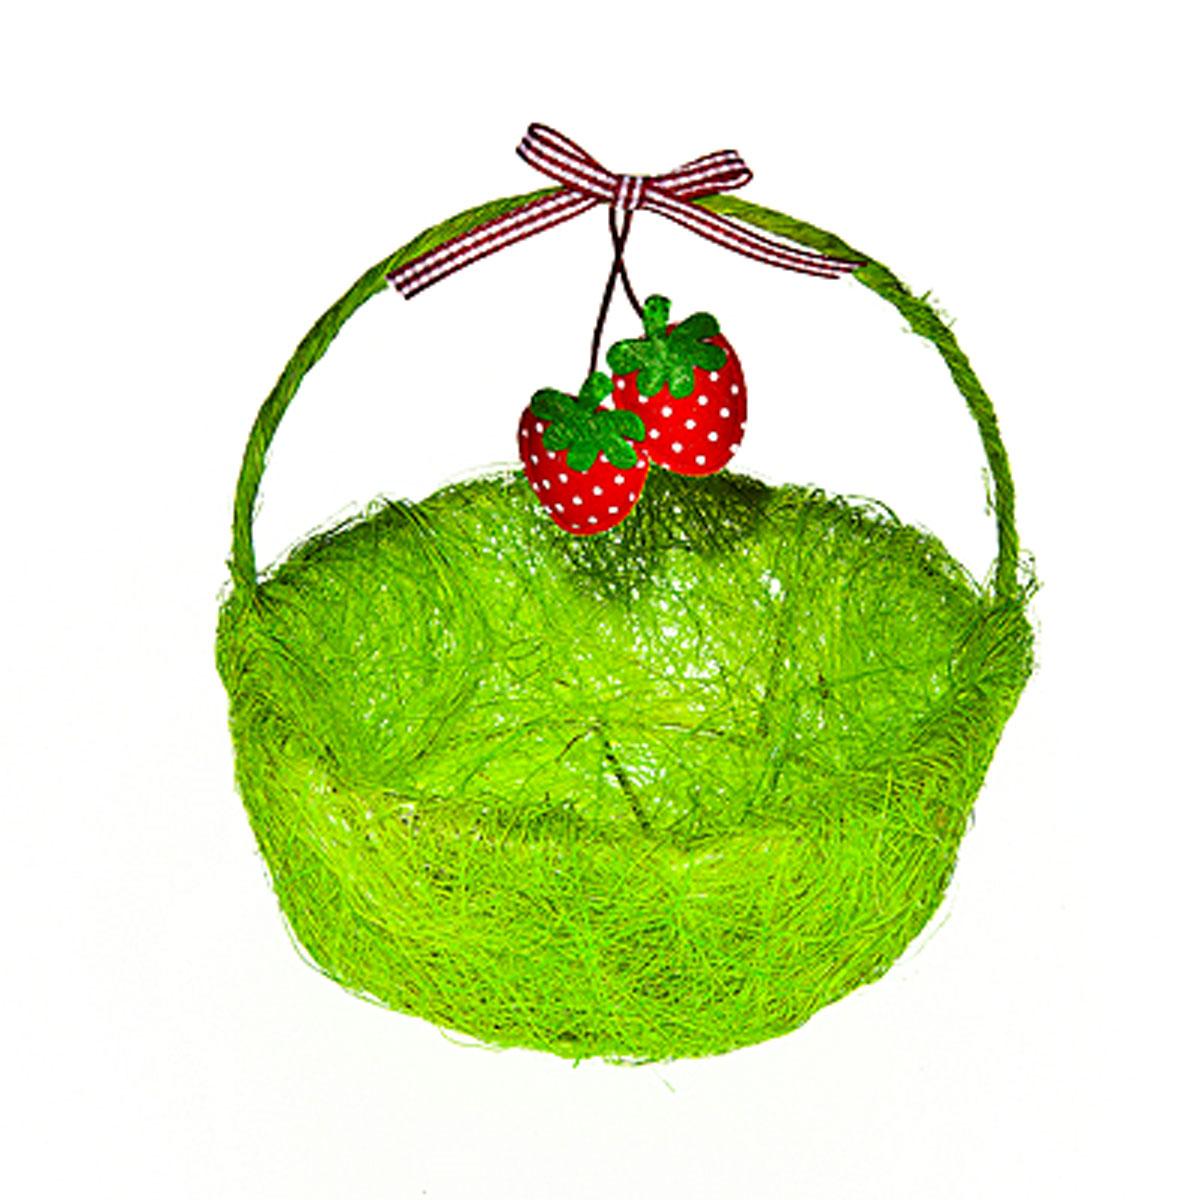 Корзина декоративная Home Queen Ягоды, цвет: зеленый, 14 х 13 5 см